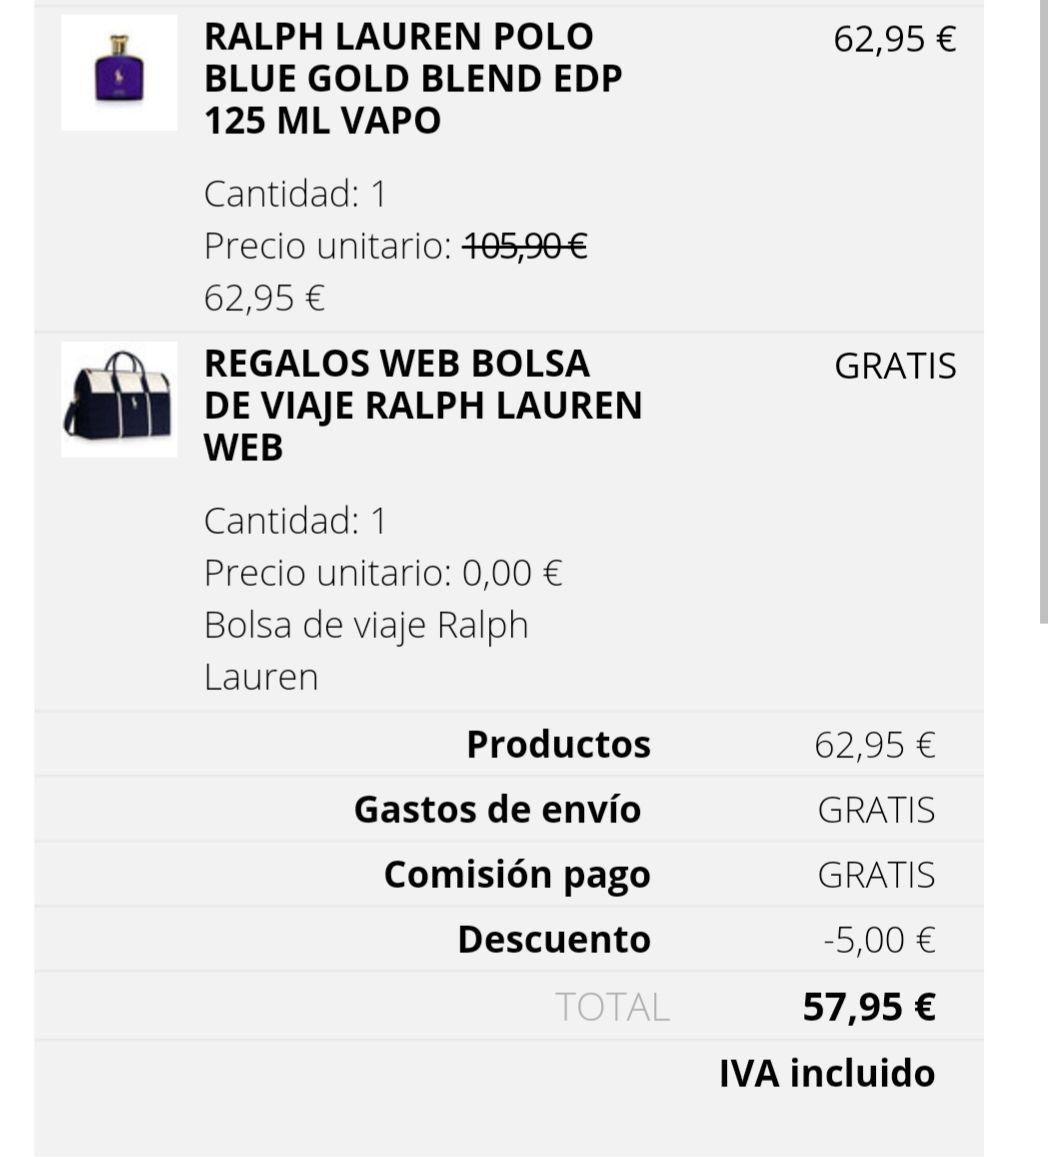 Colonia Polo Ralph Lauren y mochila gratis Ralph Lauren